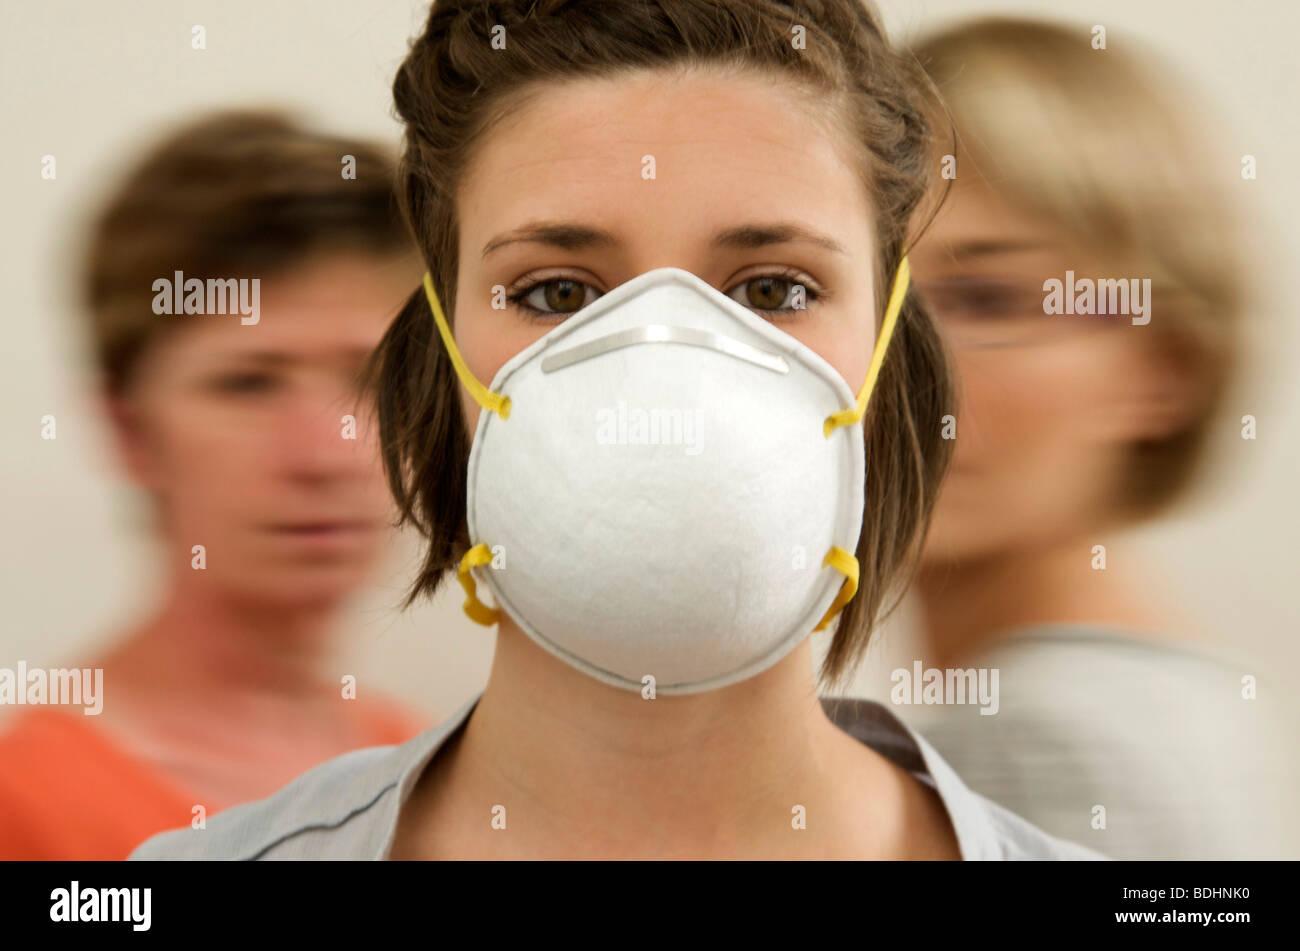 sars surgical mask